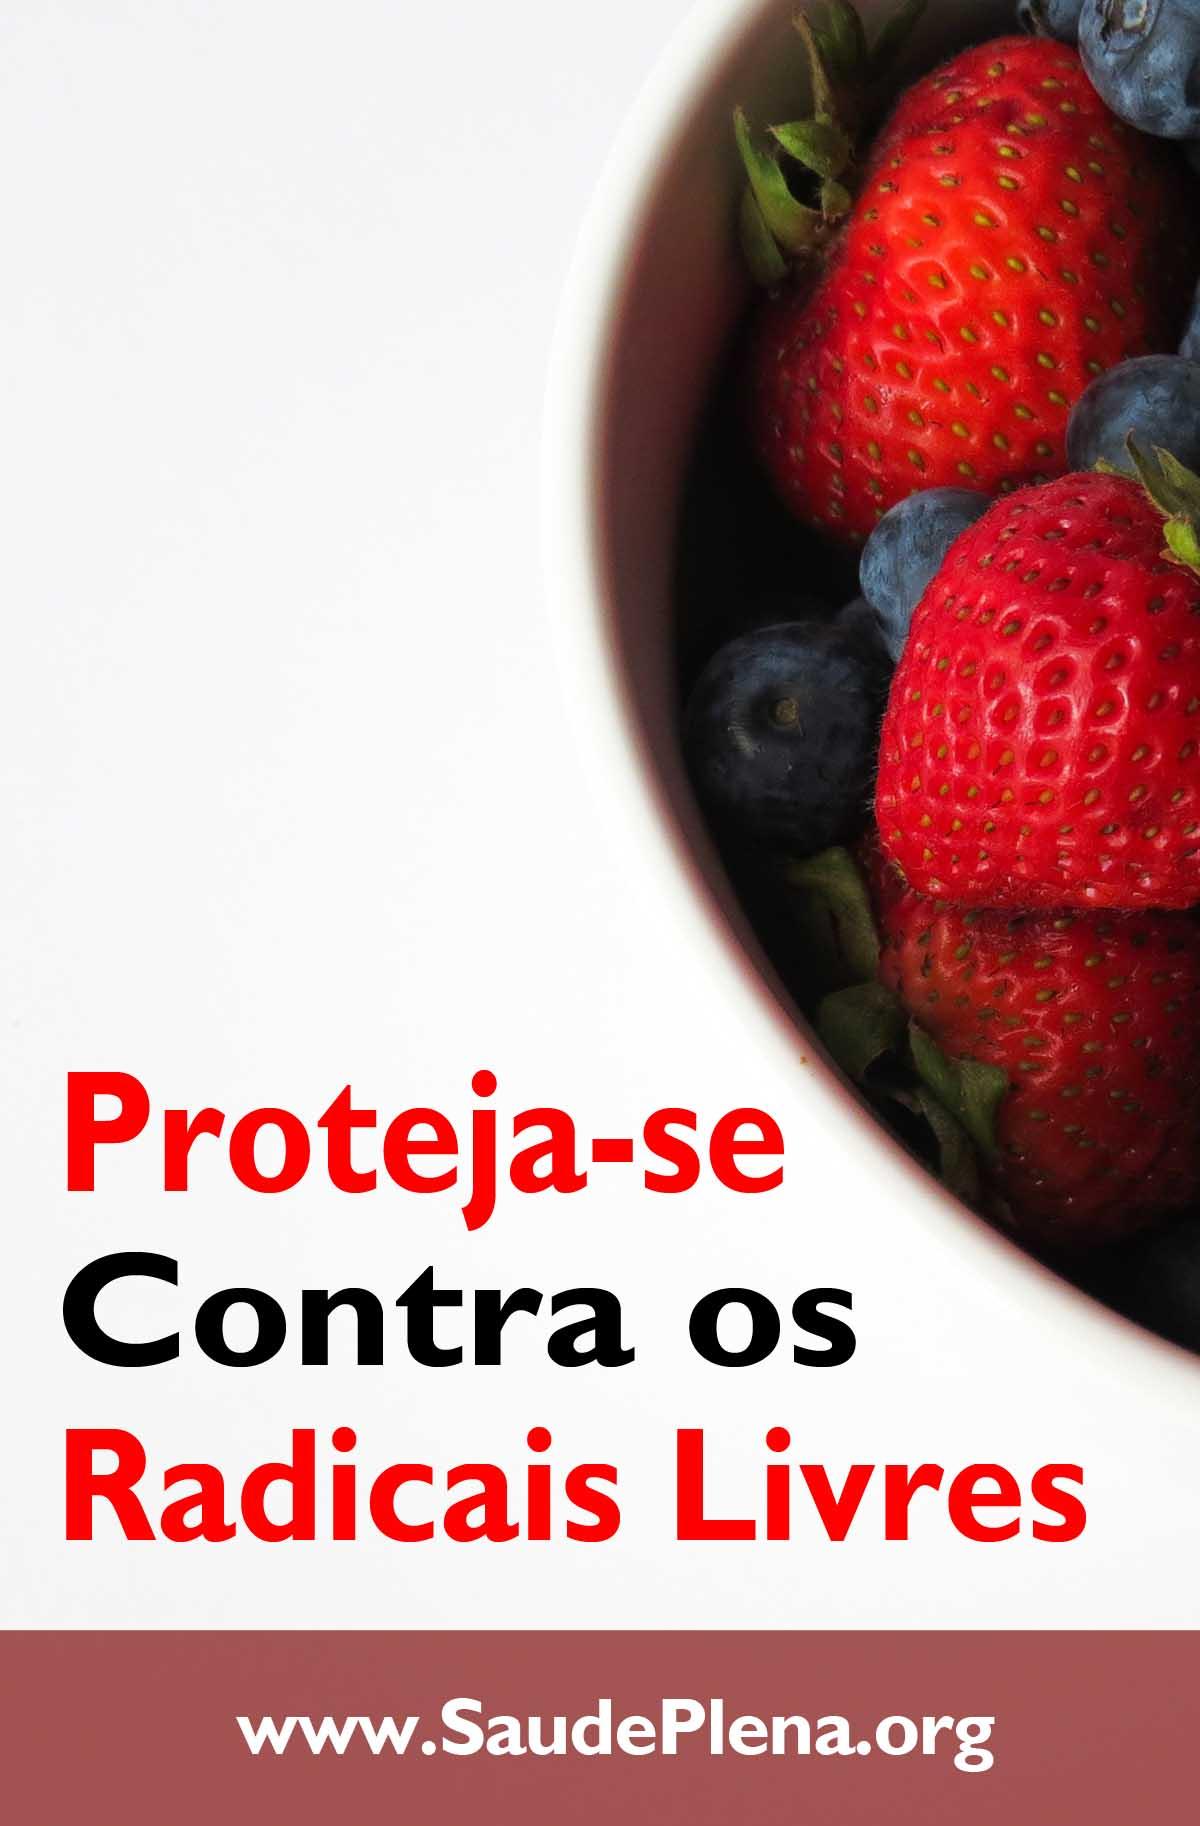 Proteja-se Contra os Radicais Livres